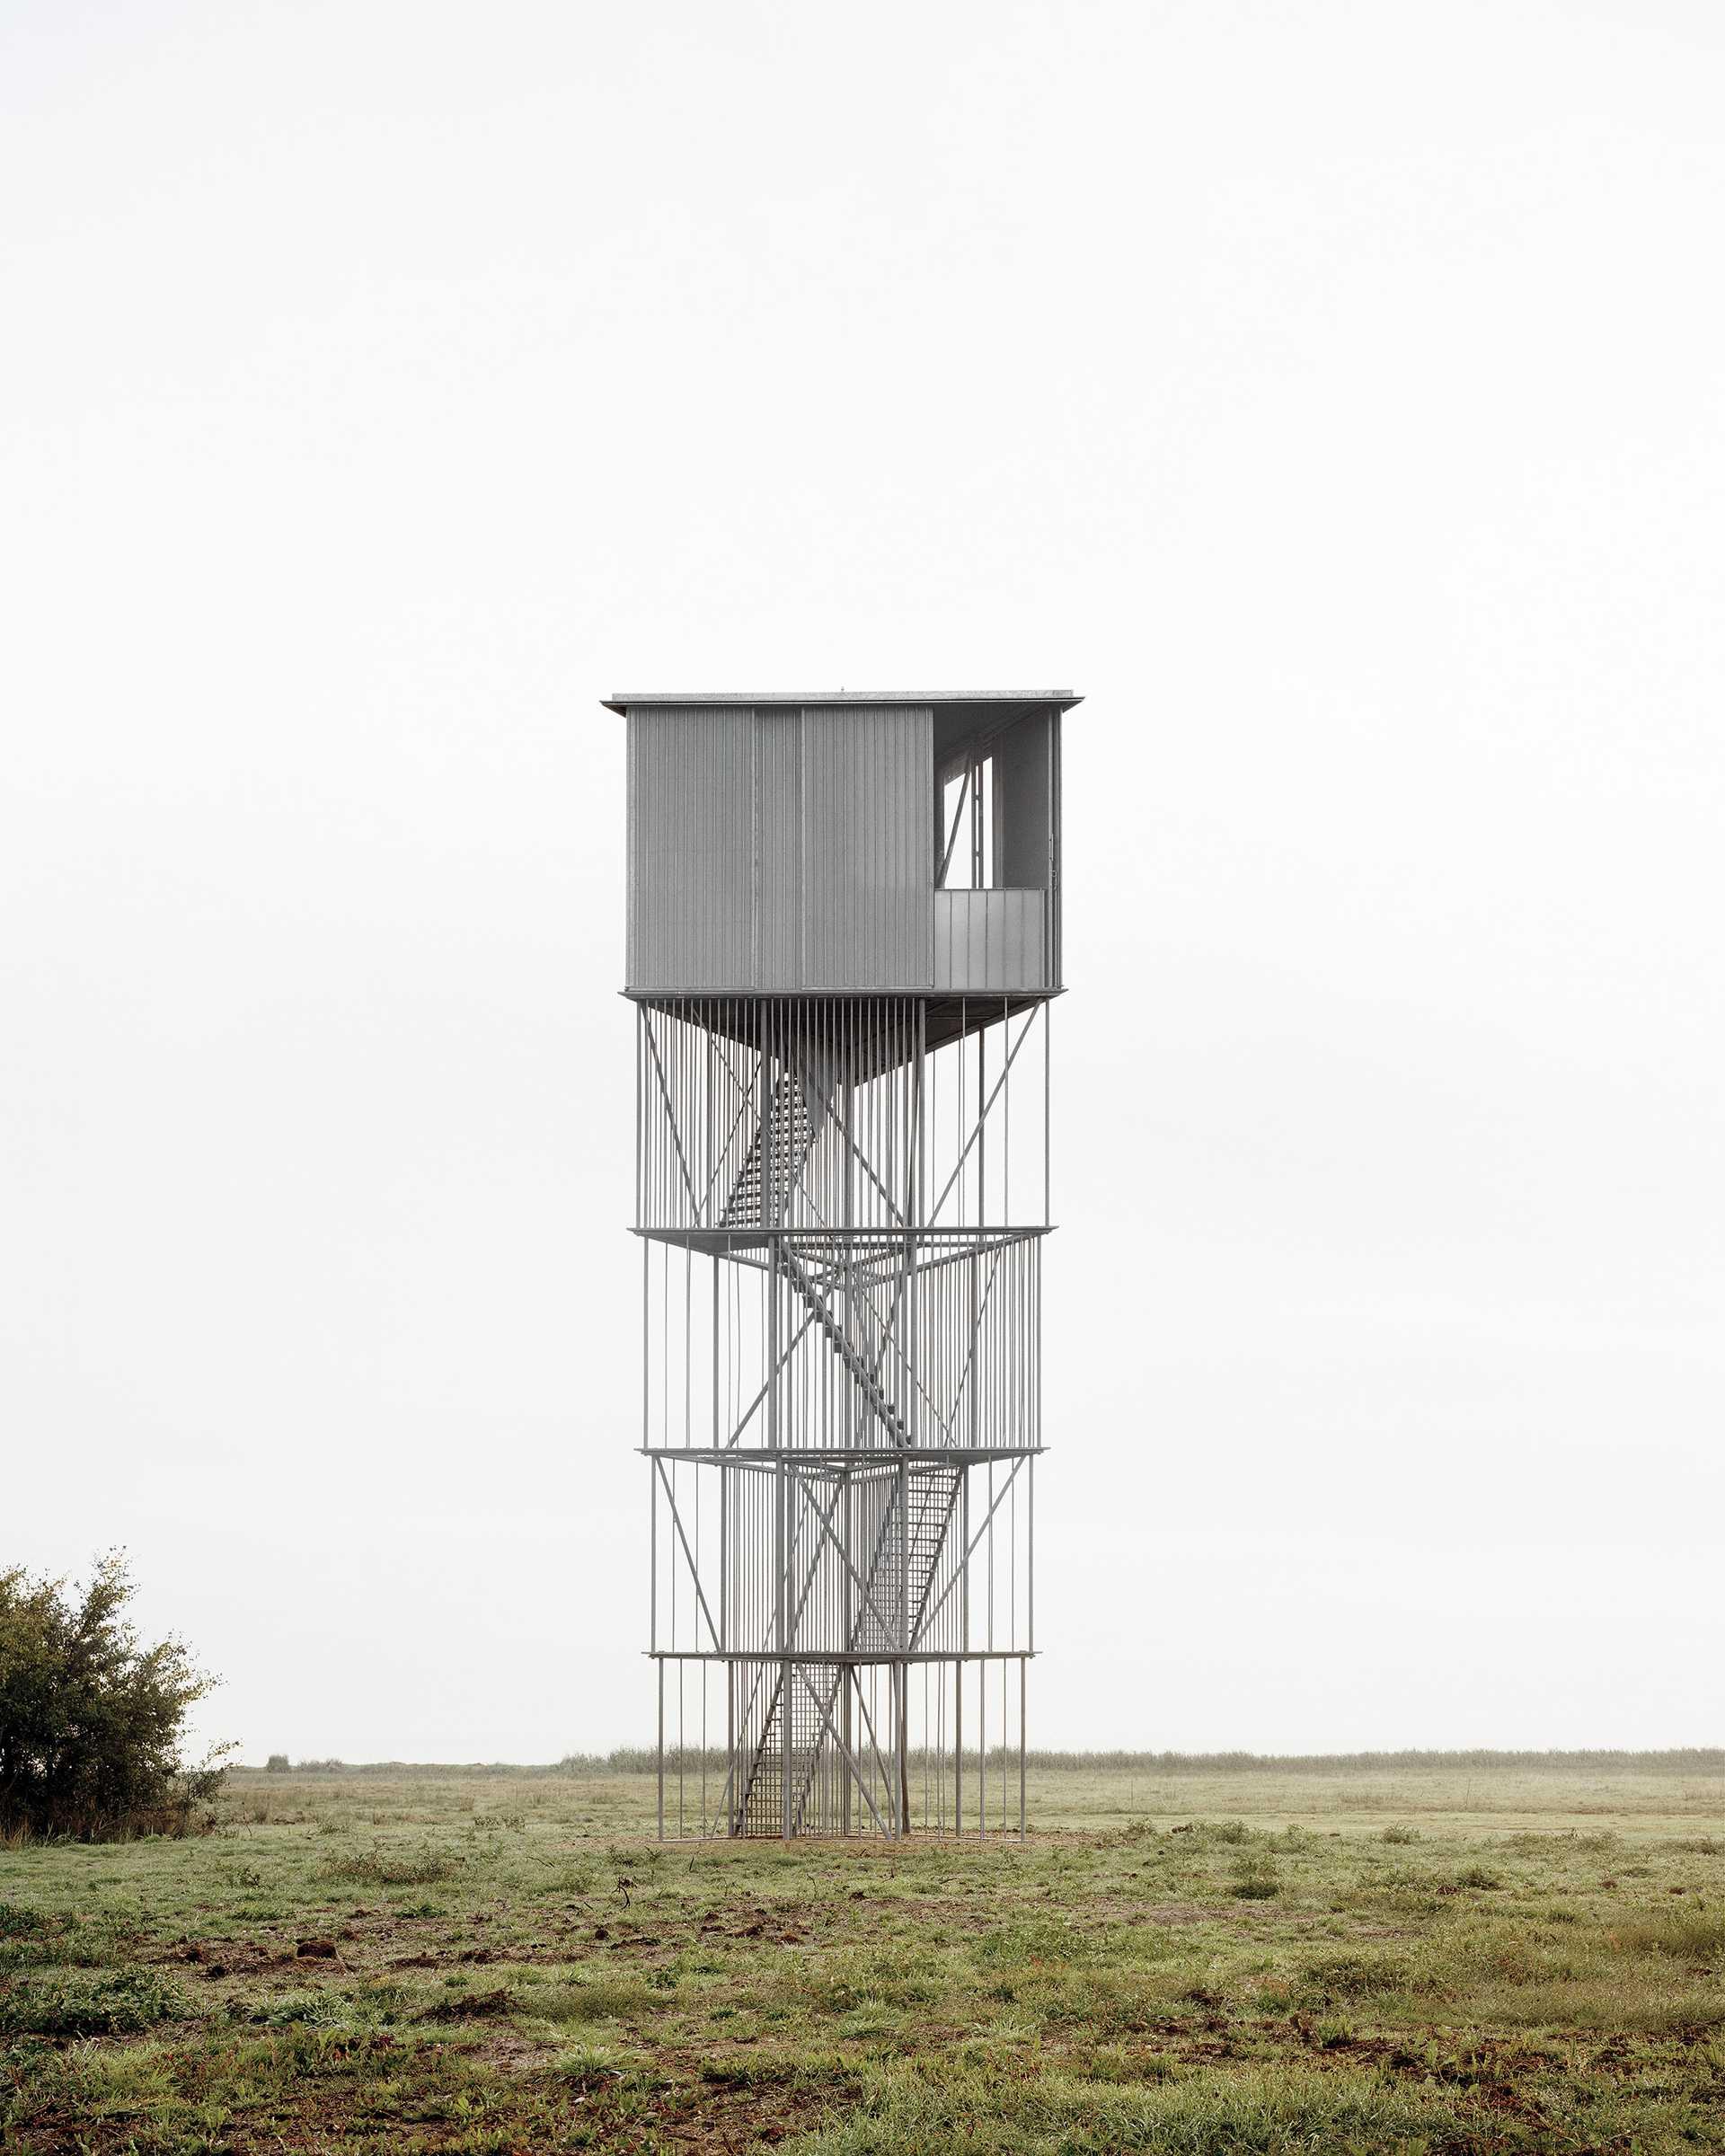 Santuario de aves  - 4 06 35